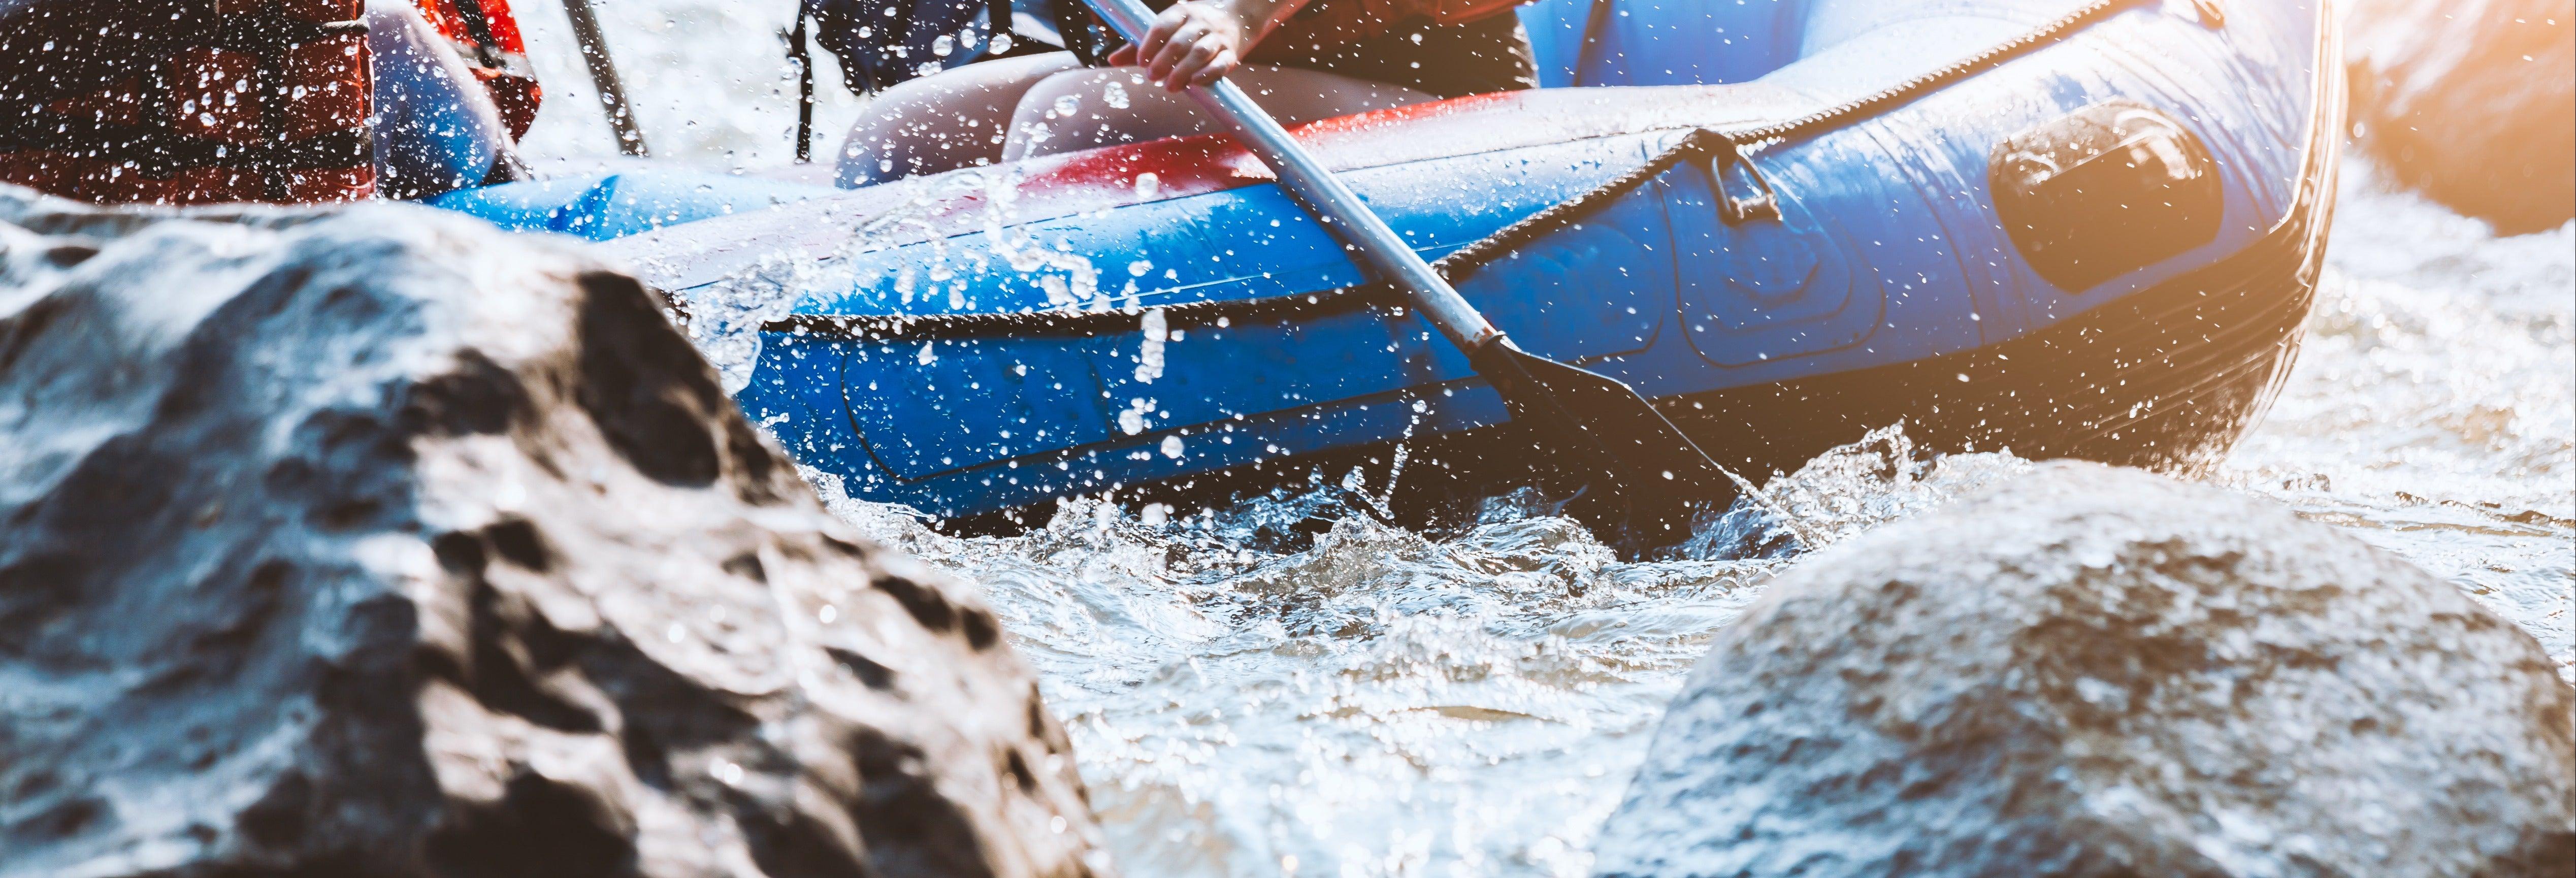 Rafting no rio Chili